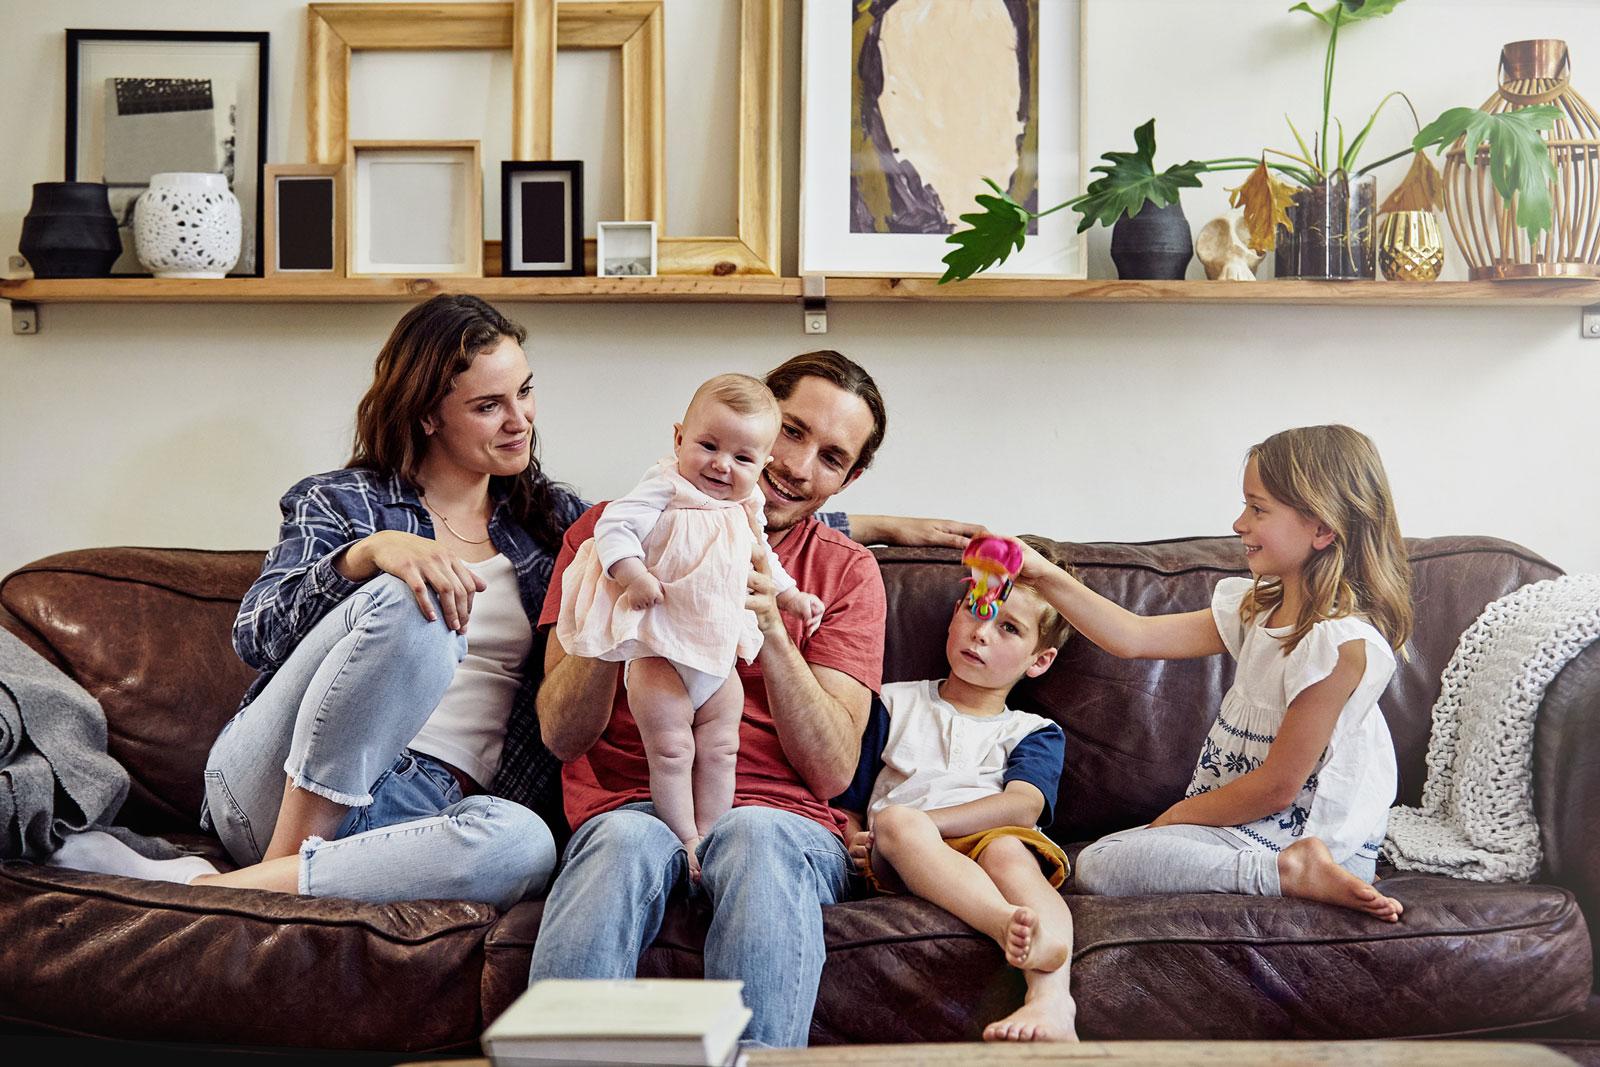 Vorsorge: Mit dem Familienzuwachs nimmt auch der Absicherungsbedarf zu.